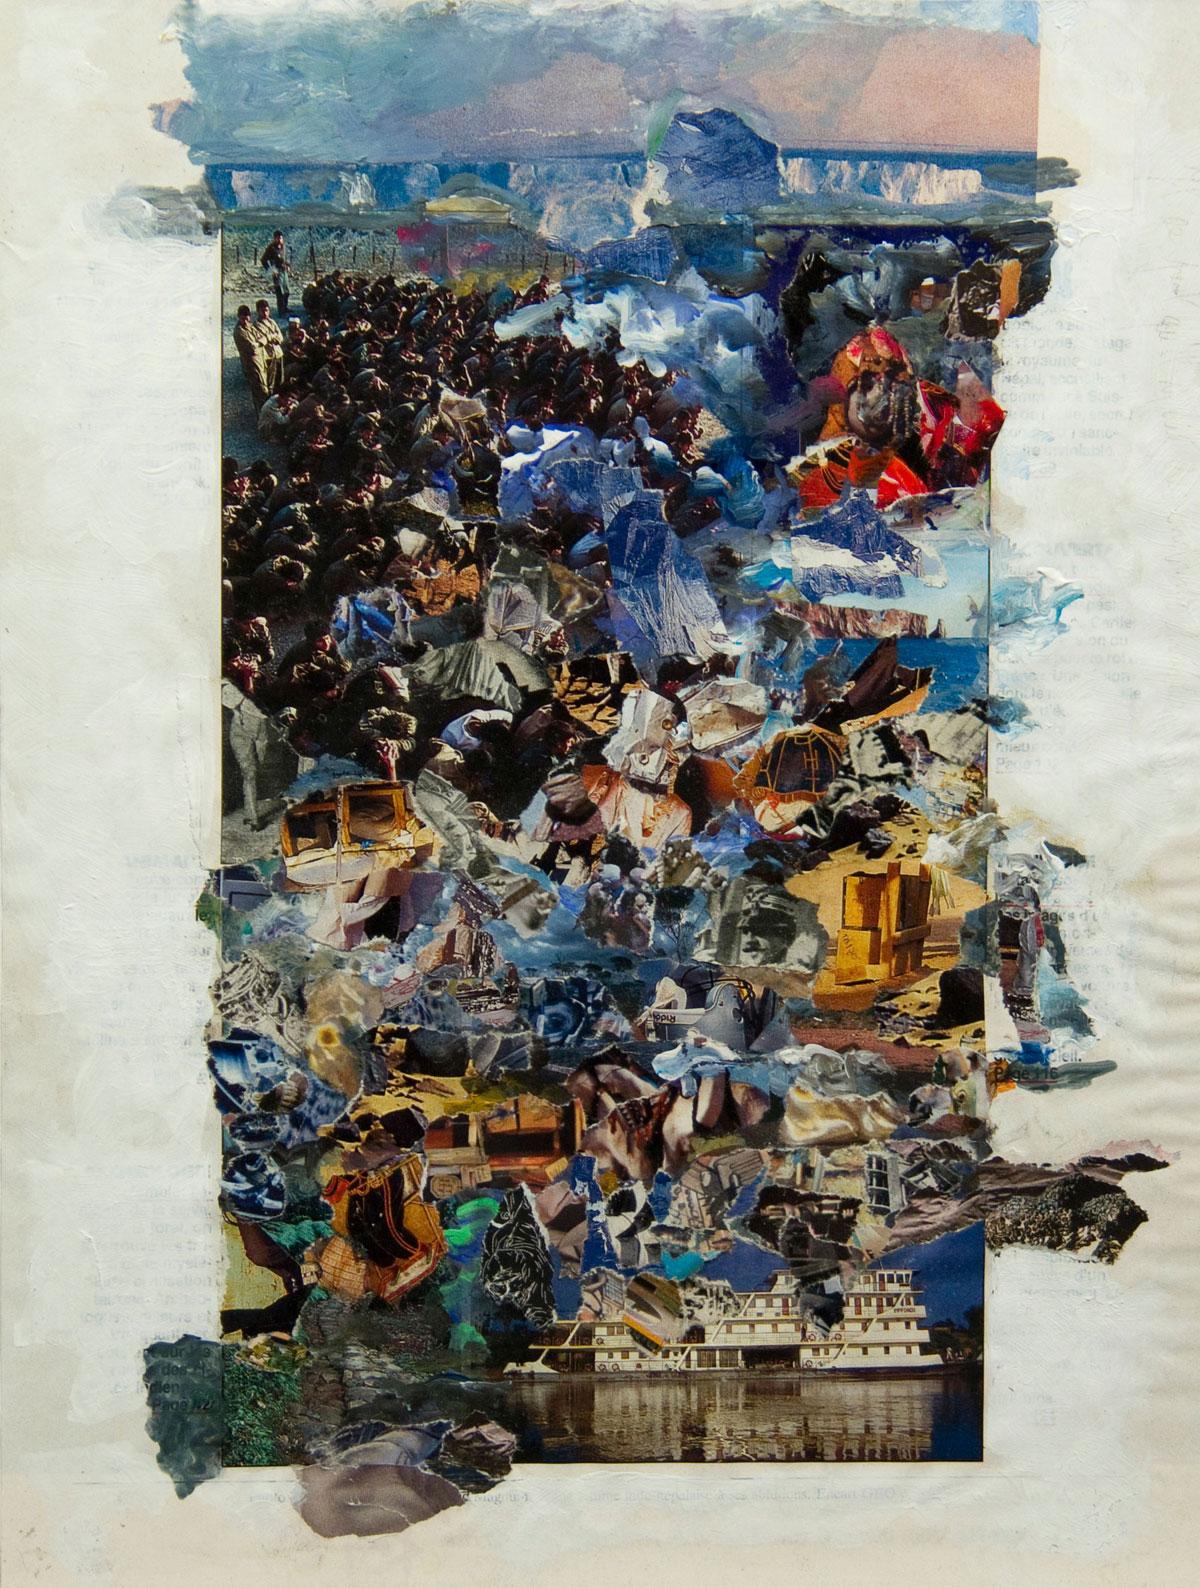 Philippe Briard - Il se peut qu'il y ait des endroits préférables, 2010, collage acrylique, 19 x 26 cm